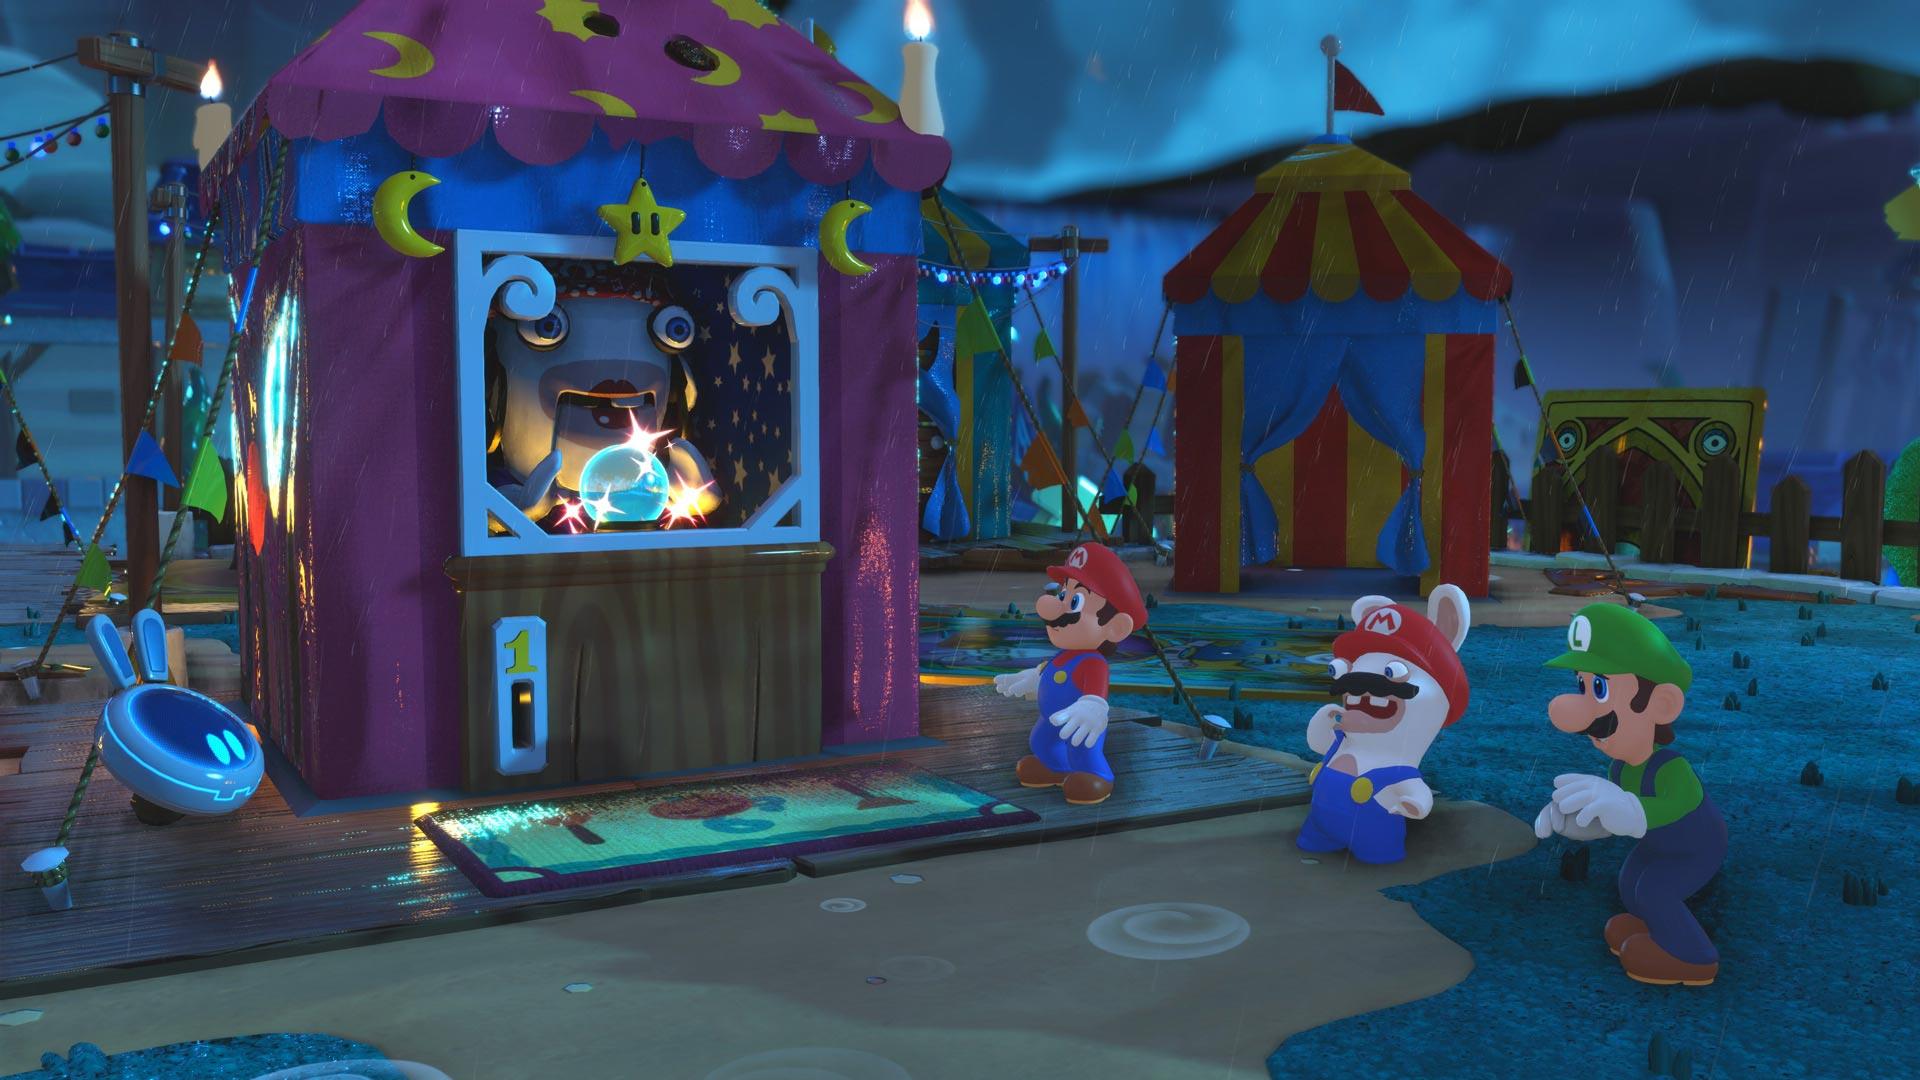 Mario + Rabbids Mario Luigi and Rabbid